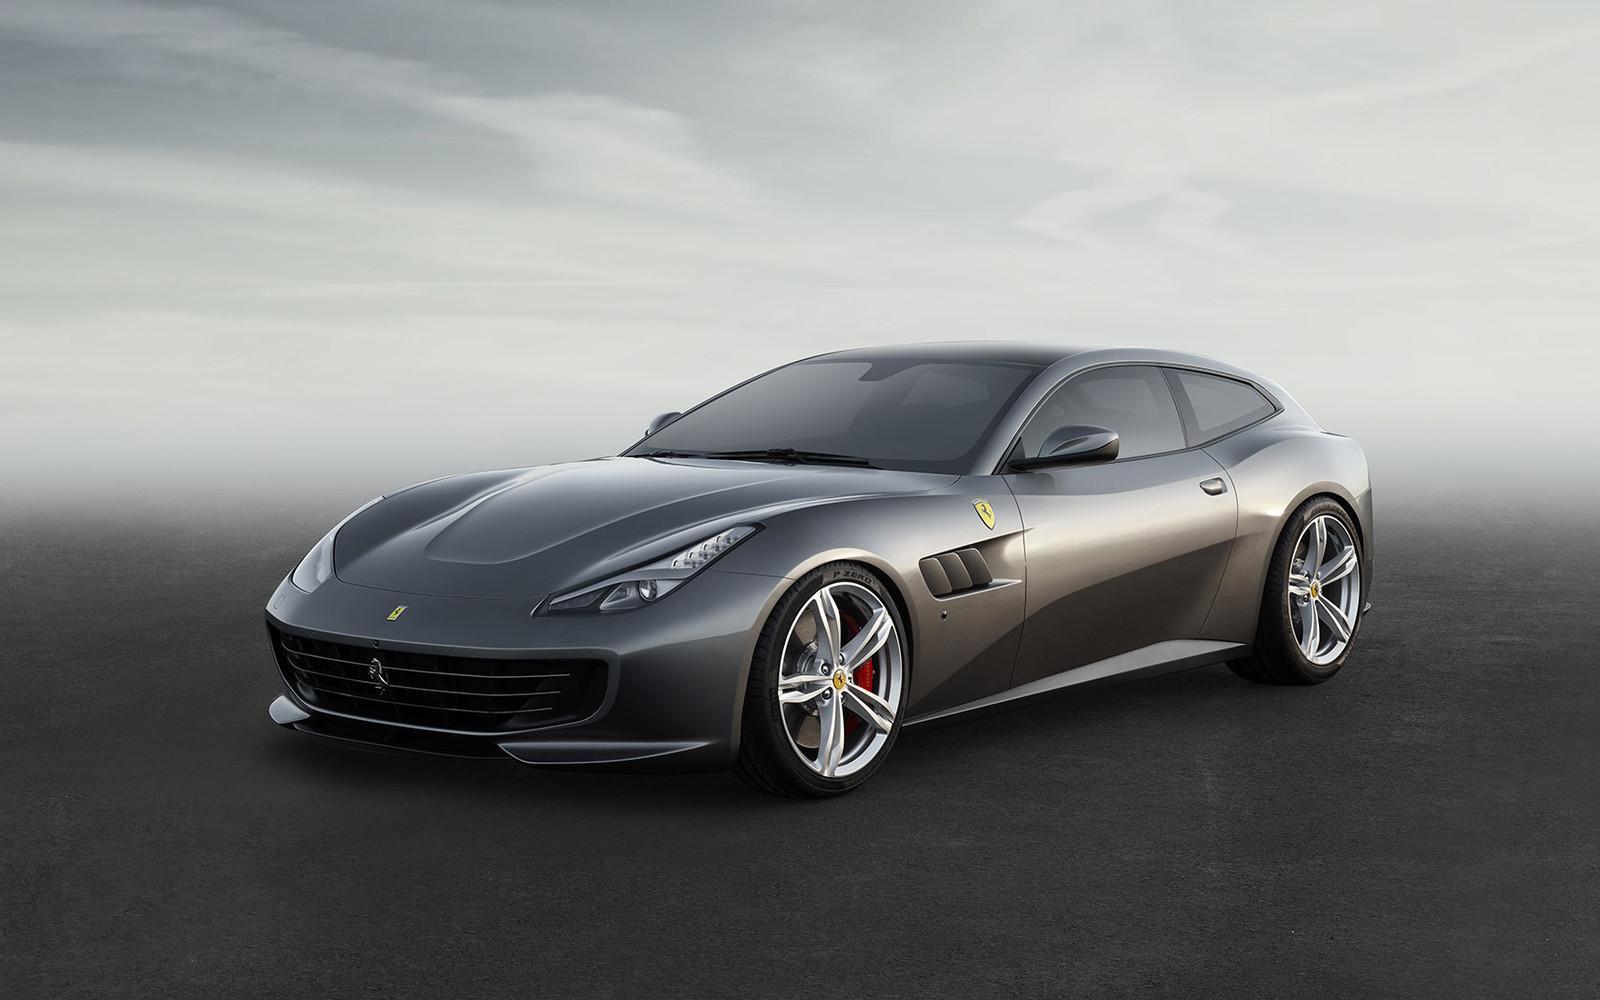 Ferrari: Expensive Or Not? - Ferrari N V  (NYSE:RACE) | Seeking Alpha